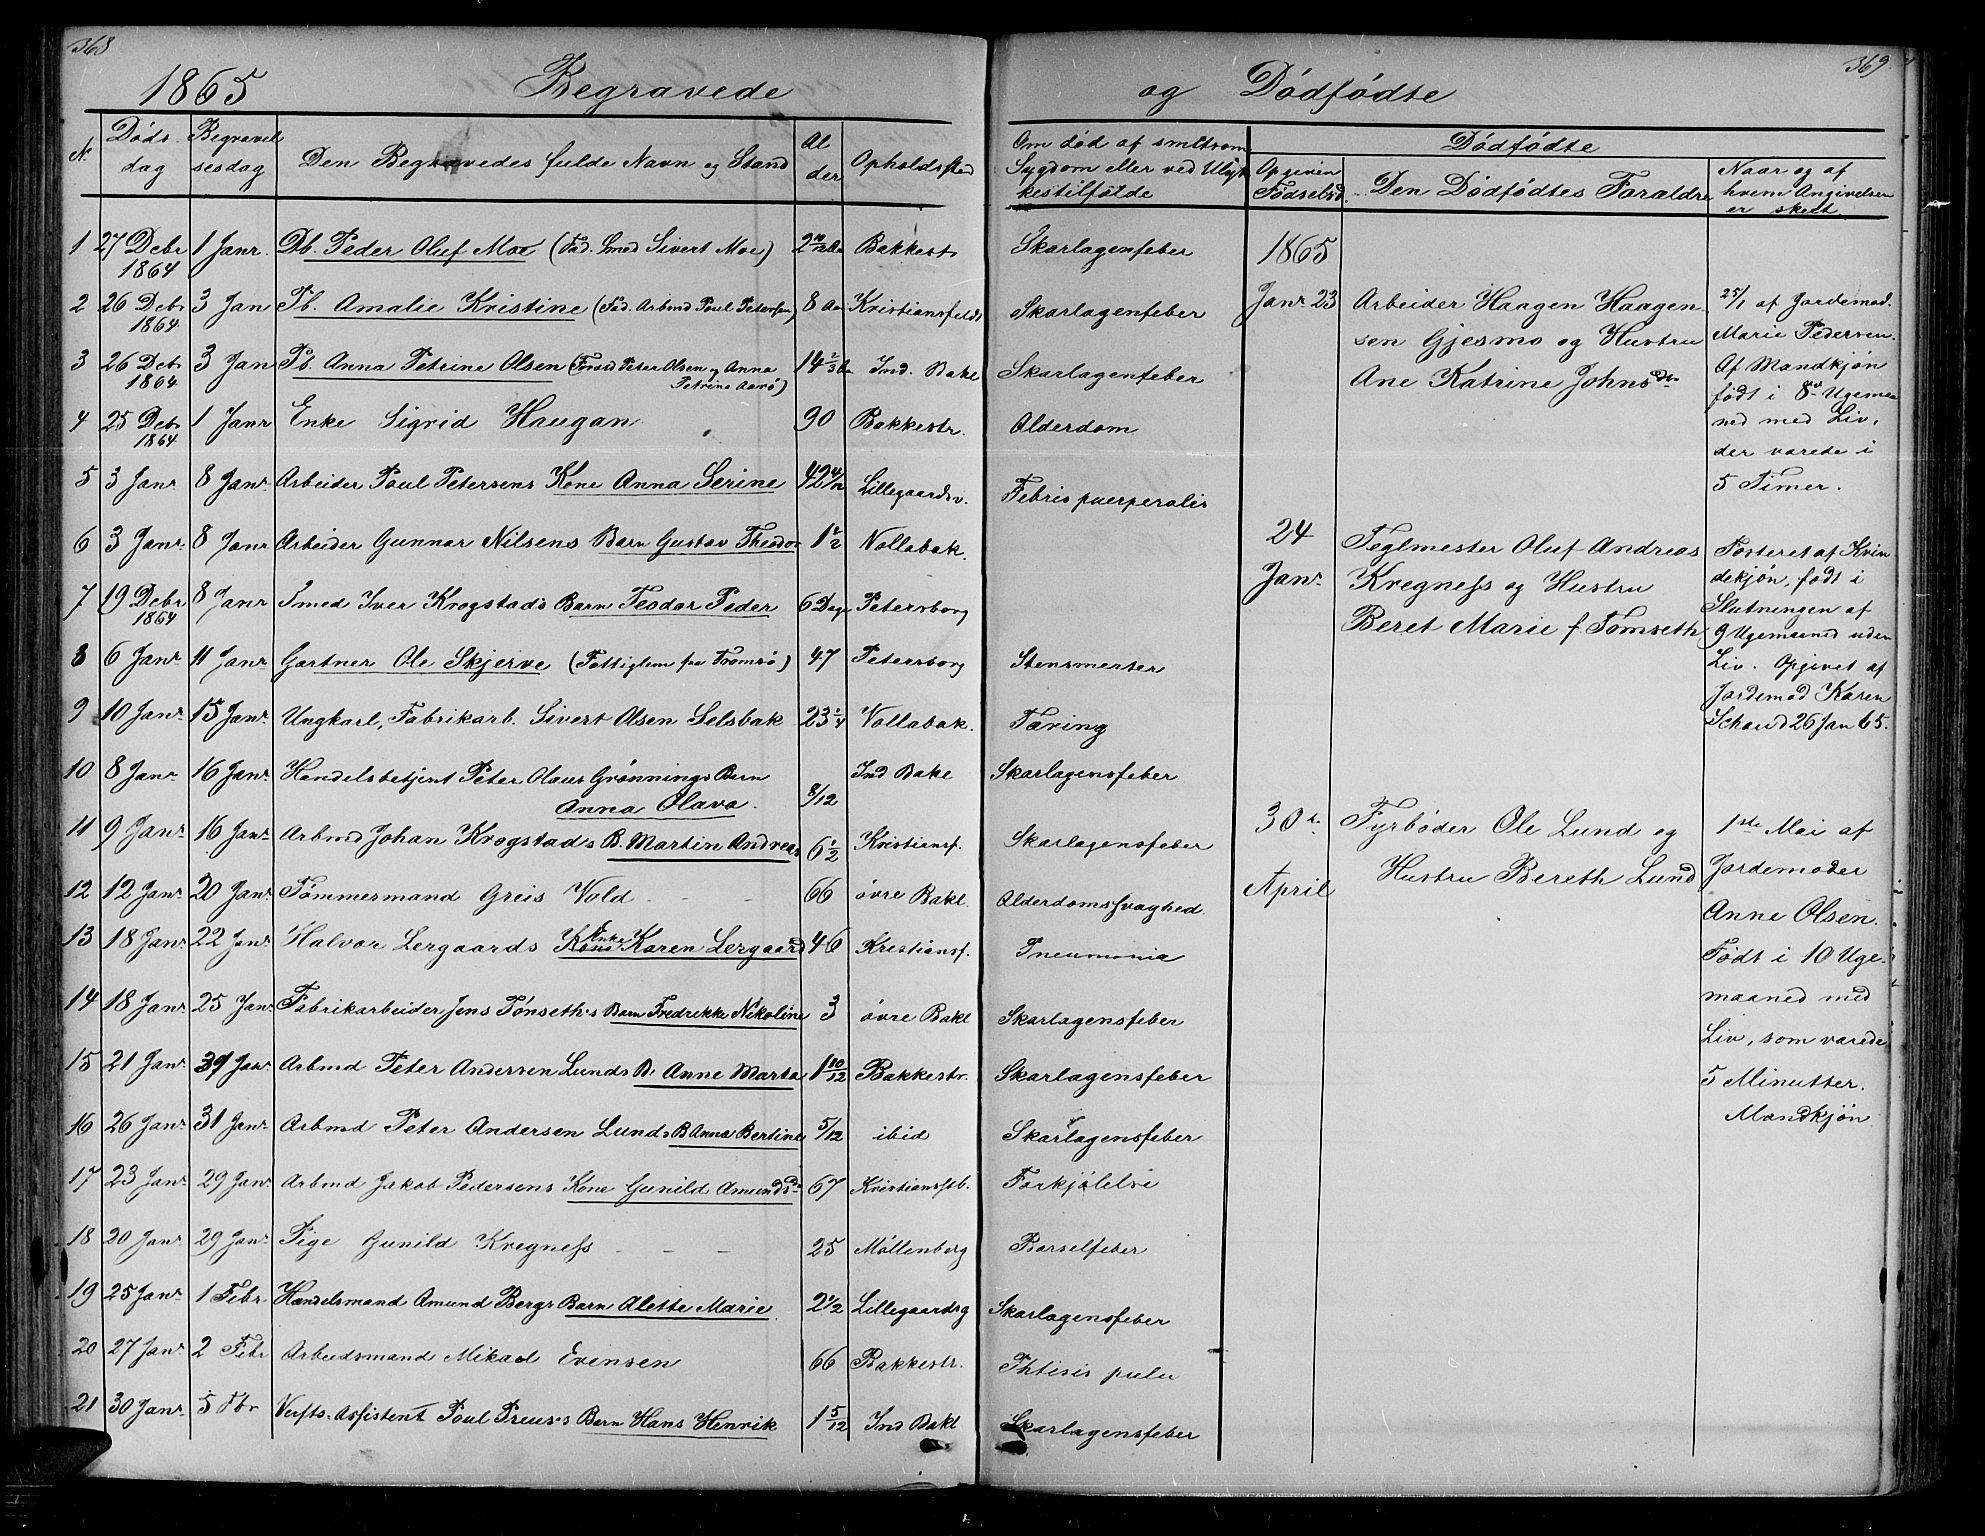 SAT, Ministerialprotokoller, klokkerbøker og fødselsregistre - Sør-Trøndelag, 604/L0219: Klokkerbok nr. 604C02, 1851-1869, s. 368-369